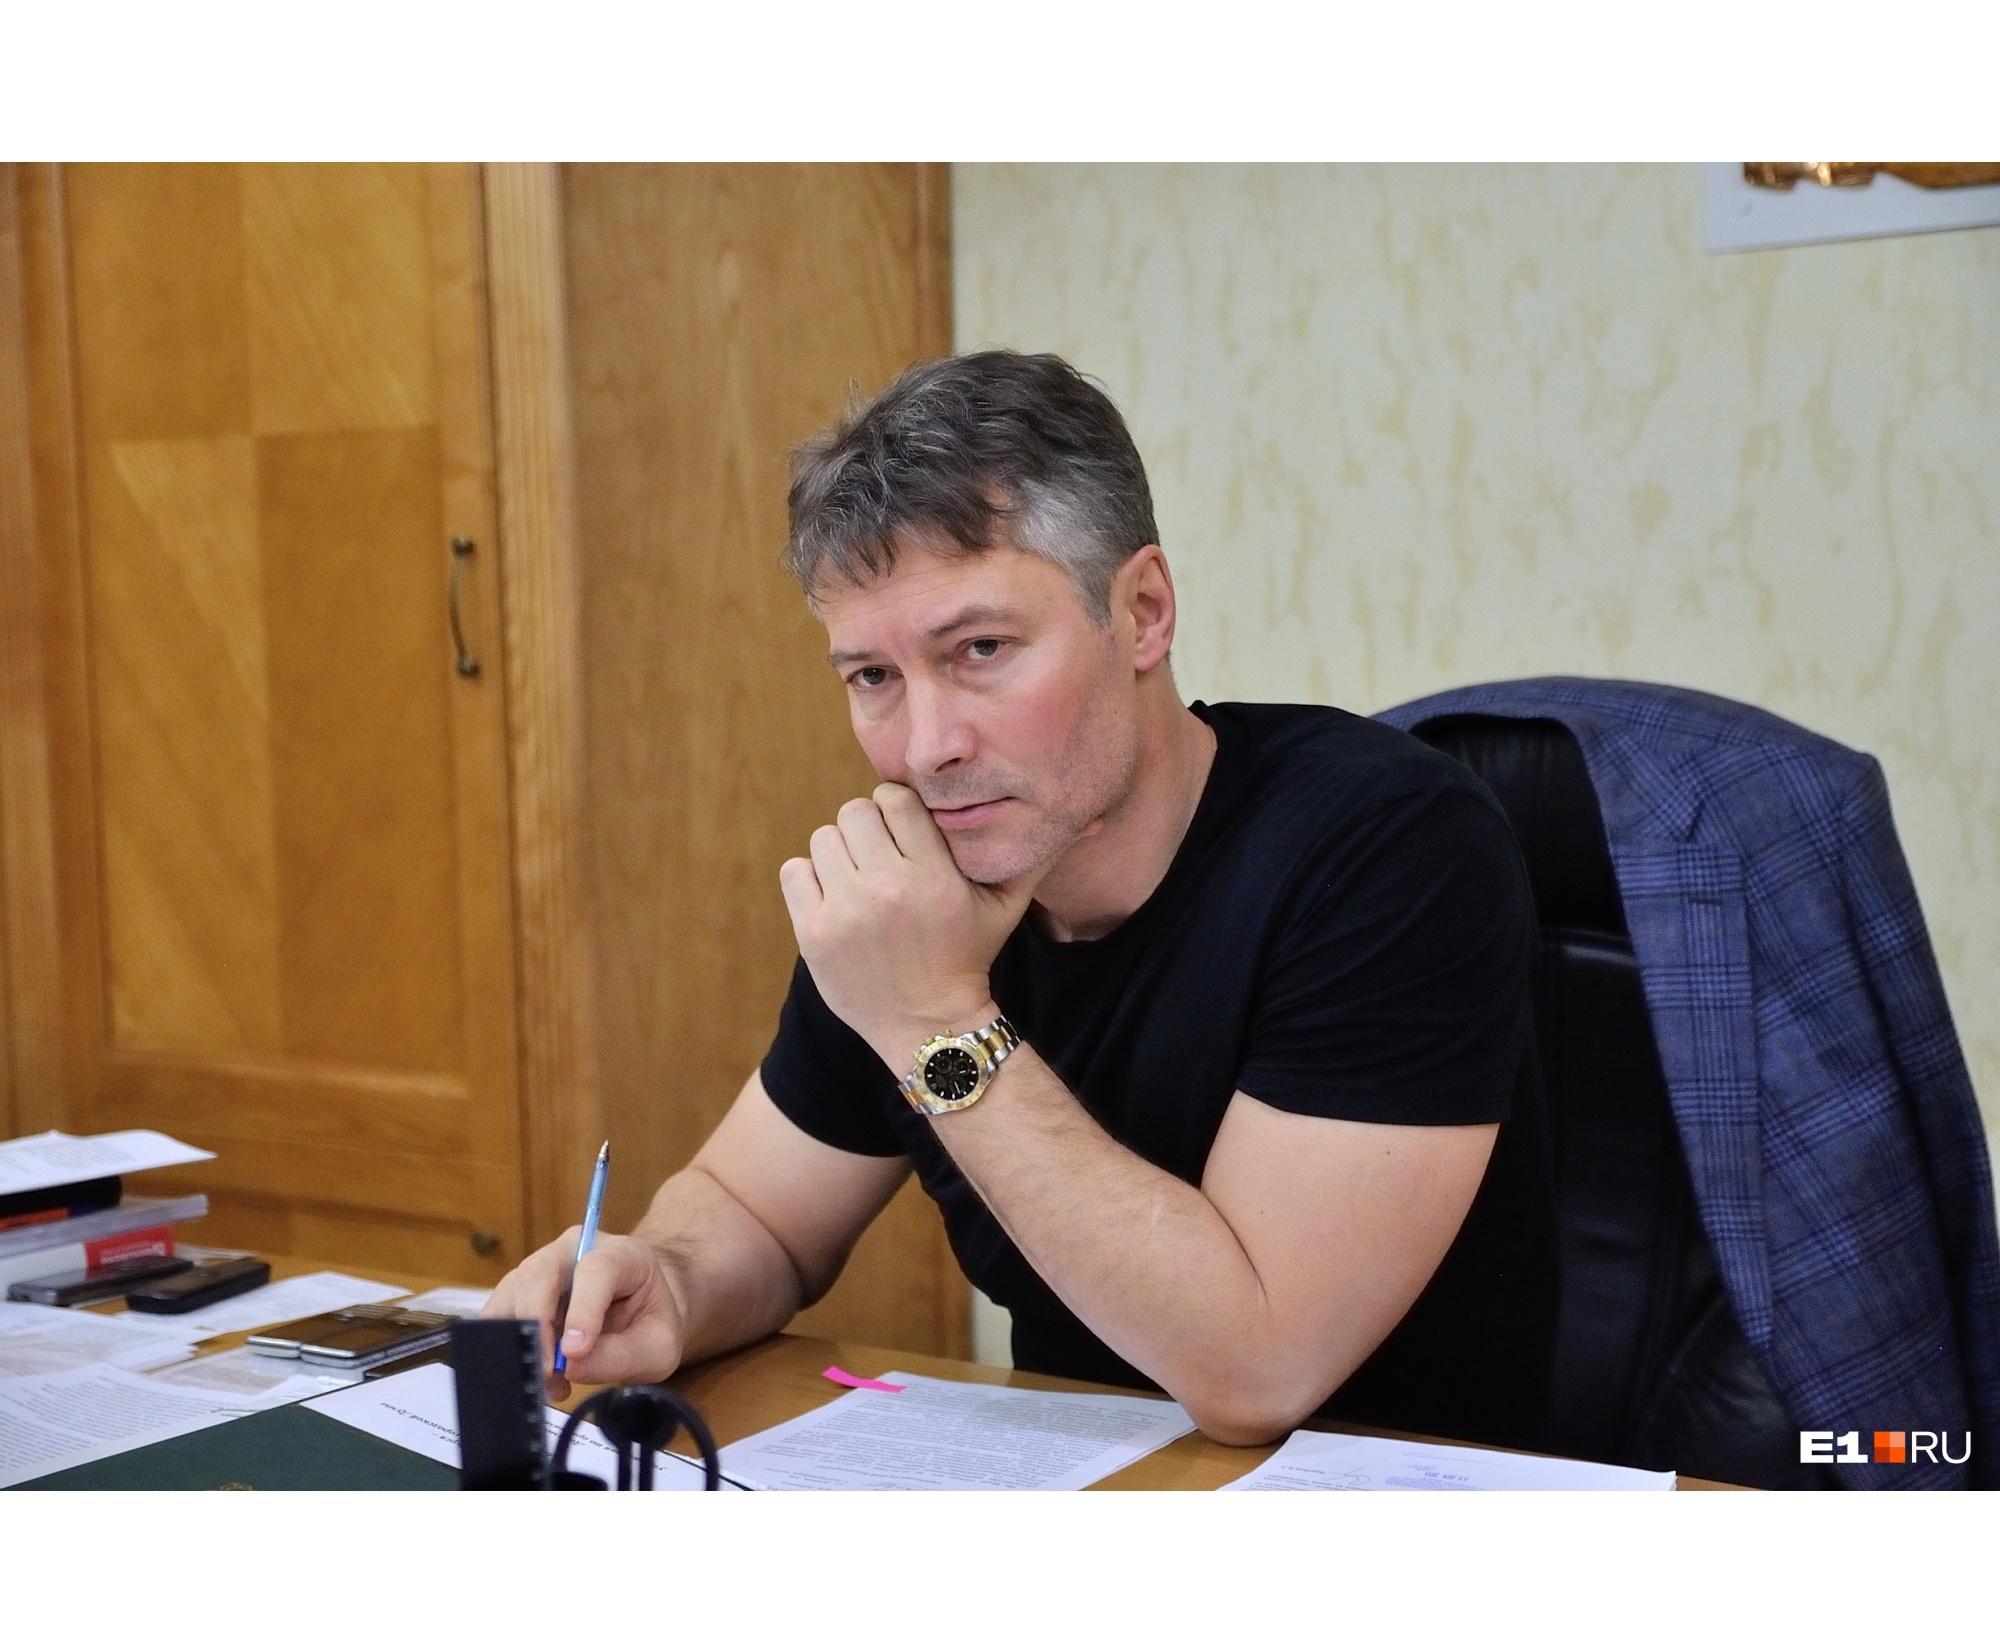 Евгения Ройзмана избрали мэром Екатеринбурга в 2013 году, а в 2018-м он написал заявление об отставке